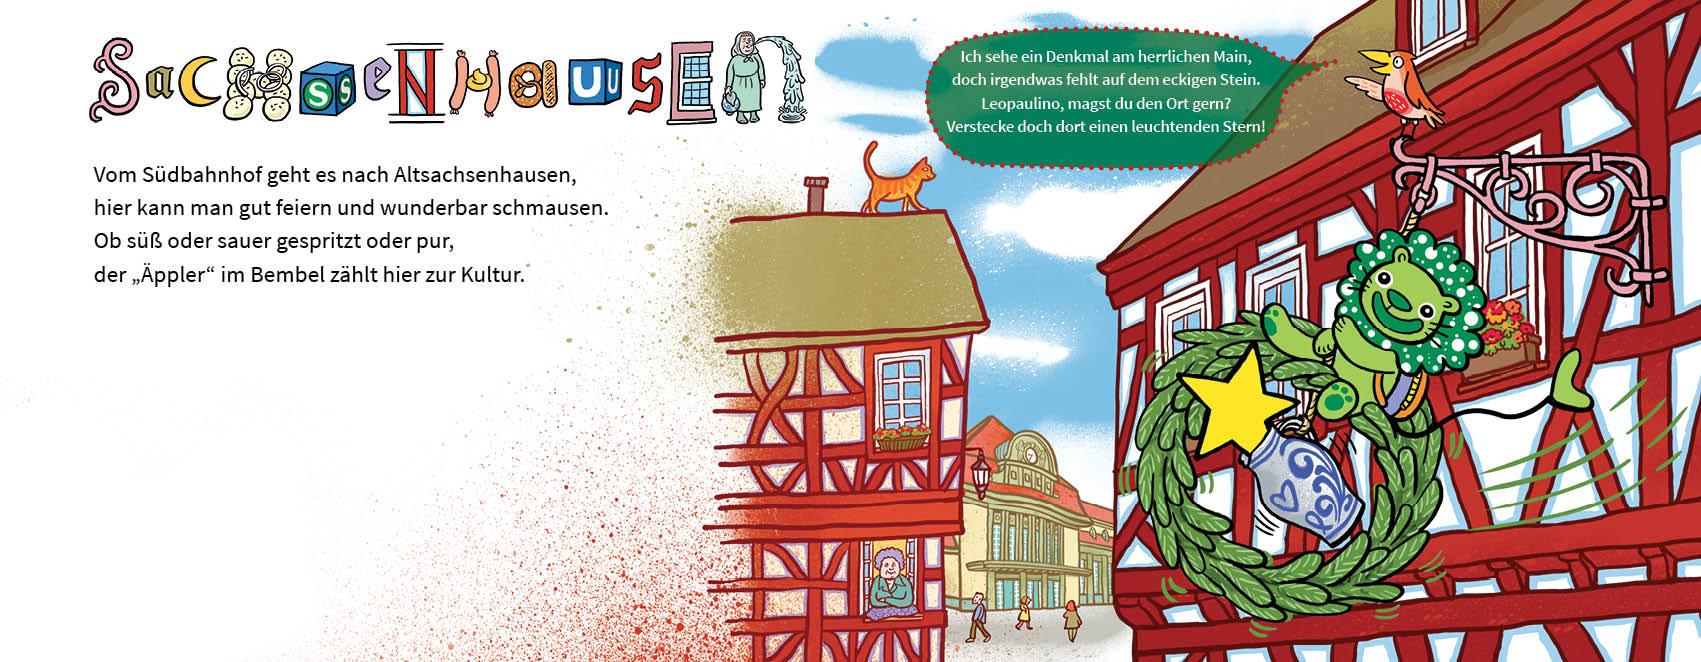 leopaulino-entdeckt-frankfurt-am-main-s12-9